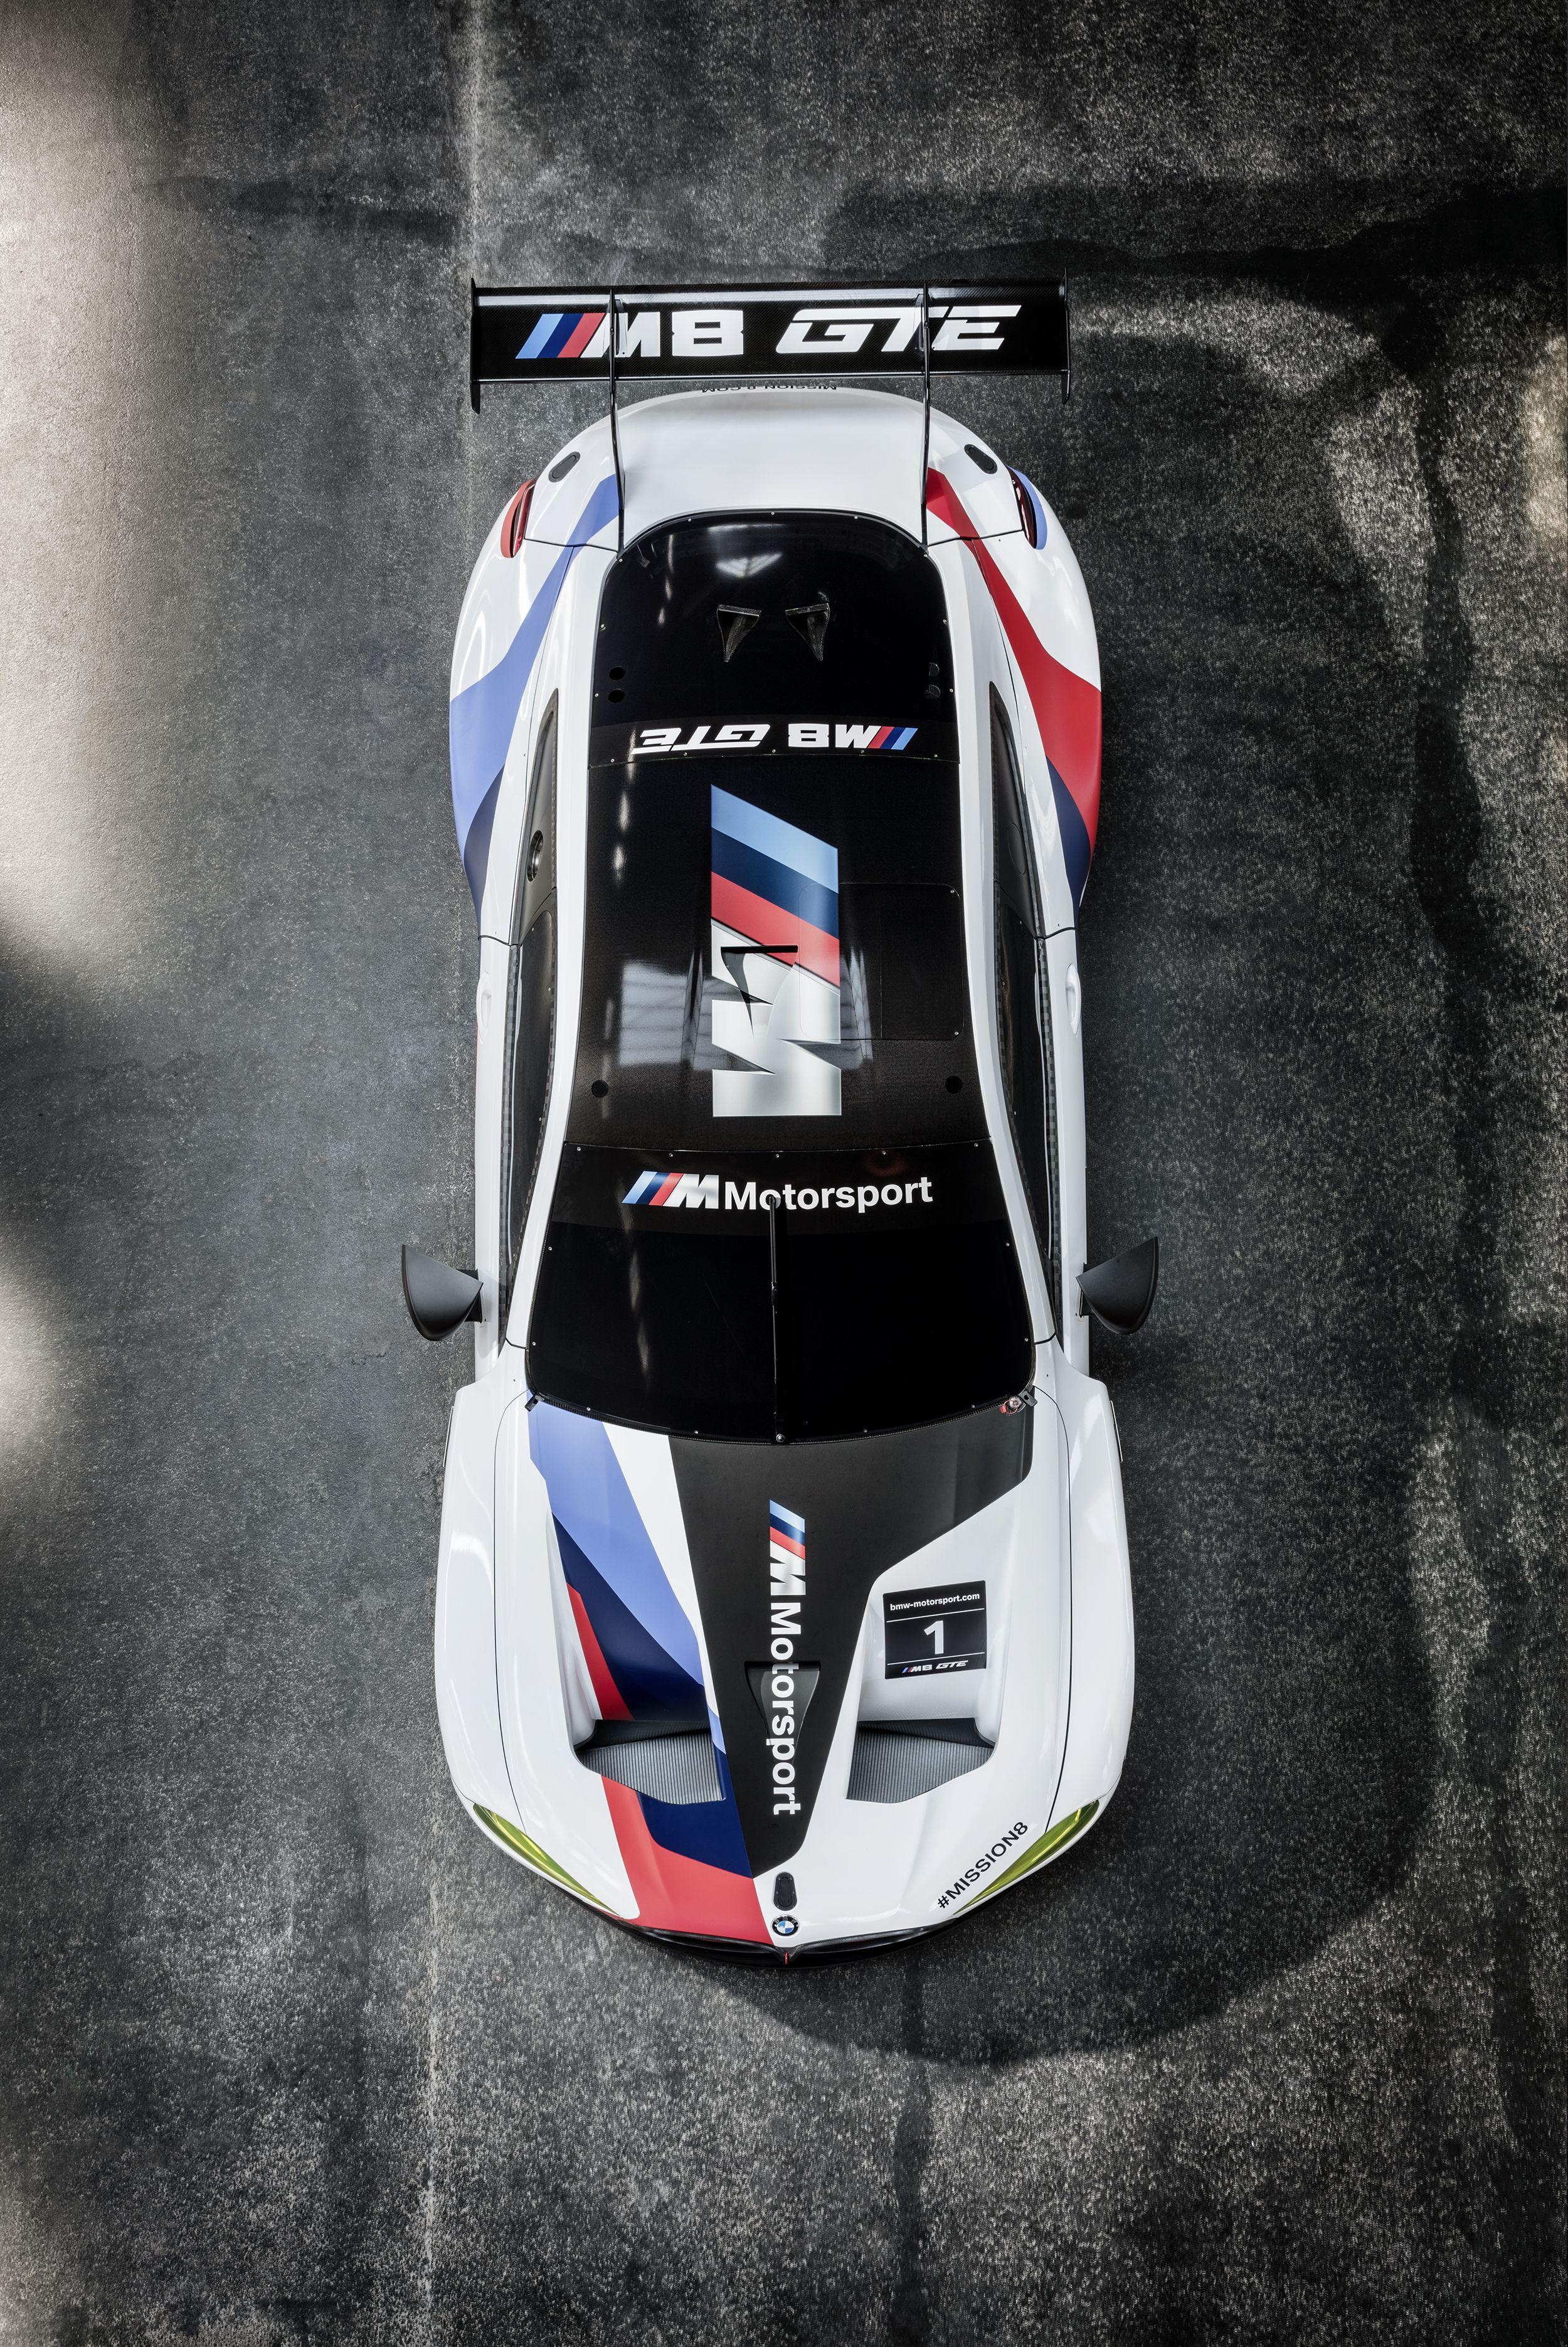 The M8 Gte Is Bmw S Badass Return To Le Mans Bmw Cars Bmw Motorsport Bmw m8 gte frankfurt motor show